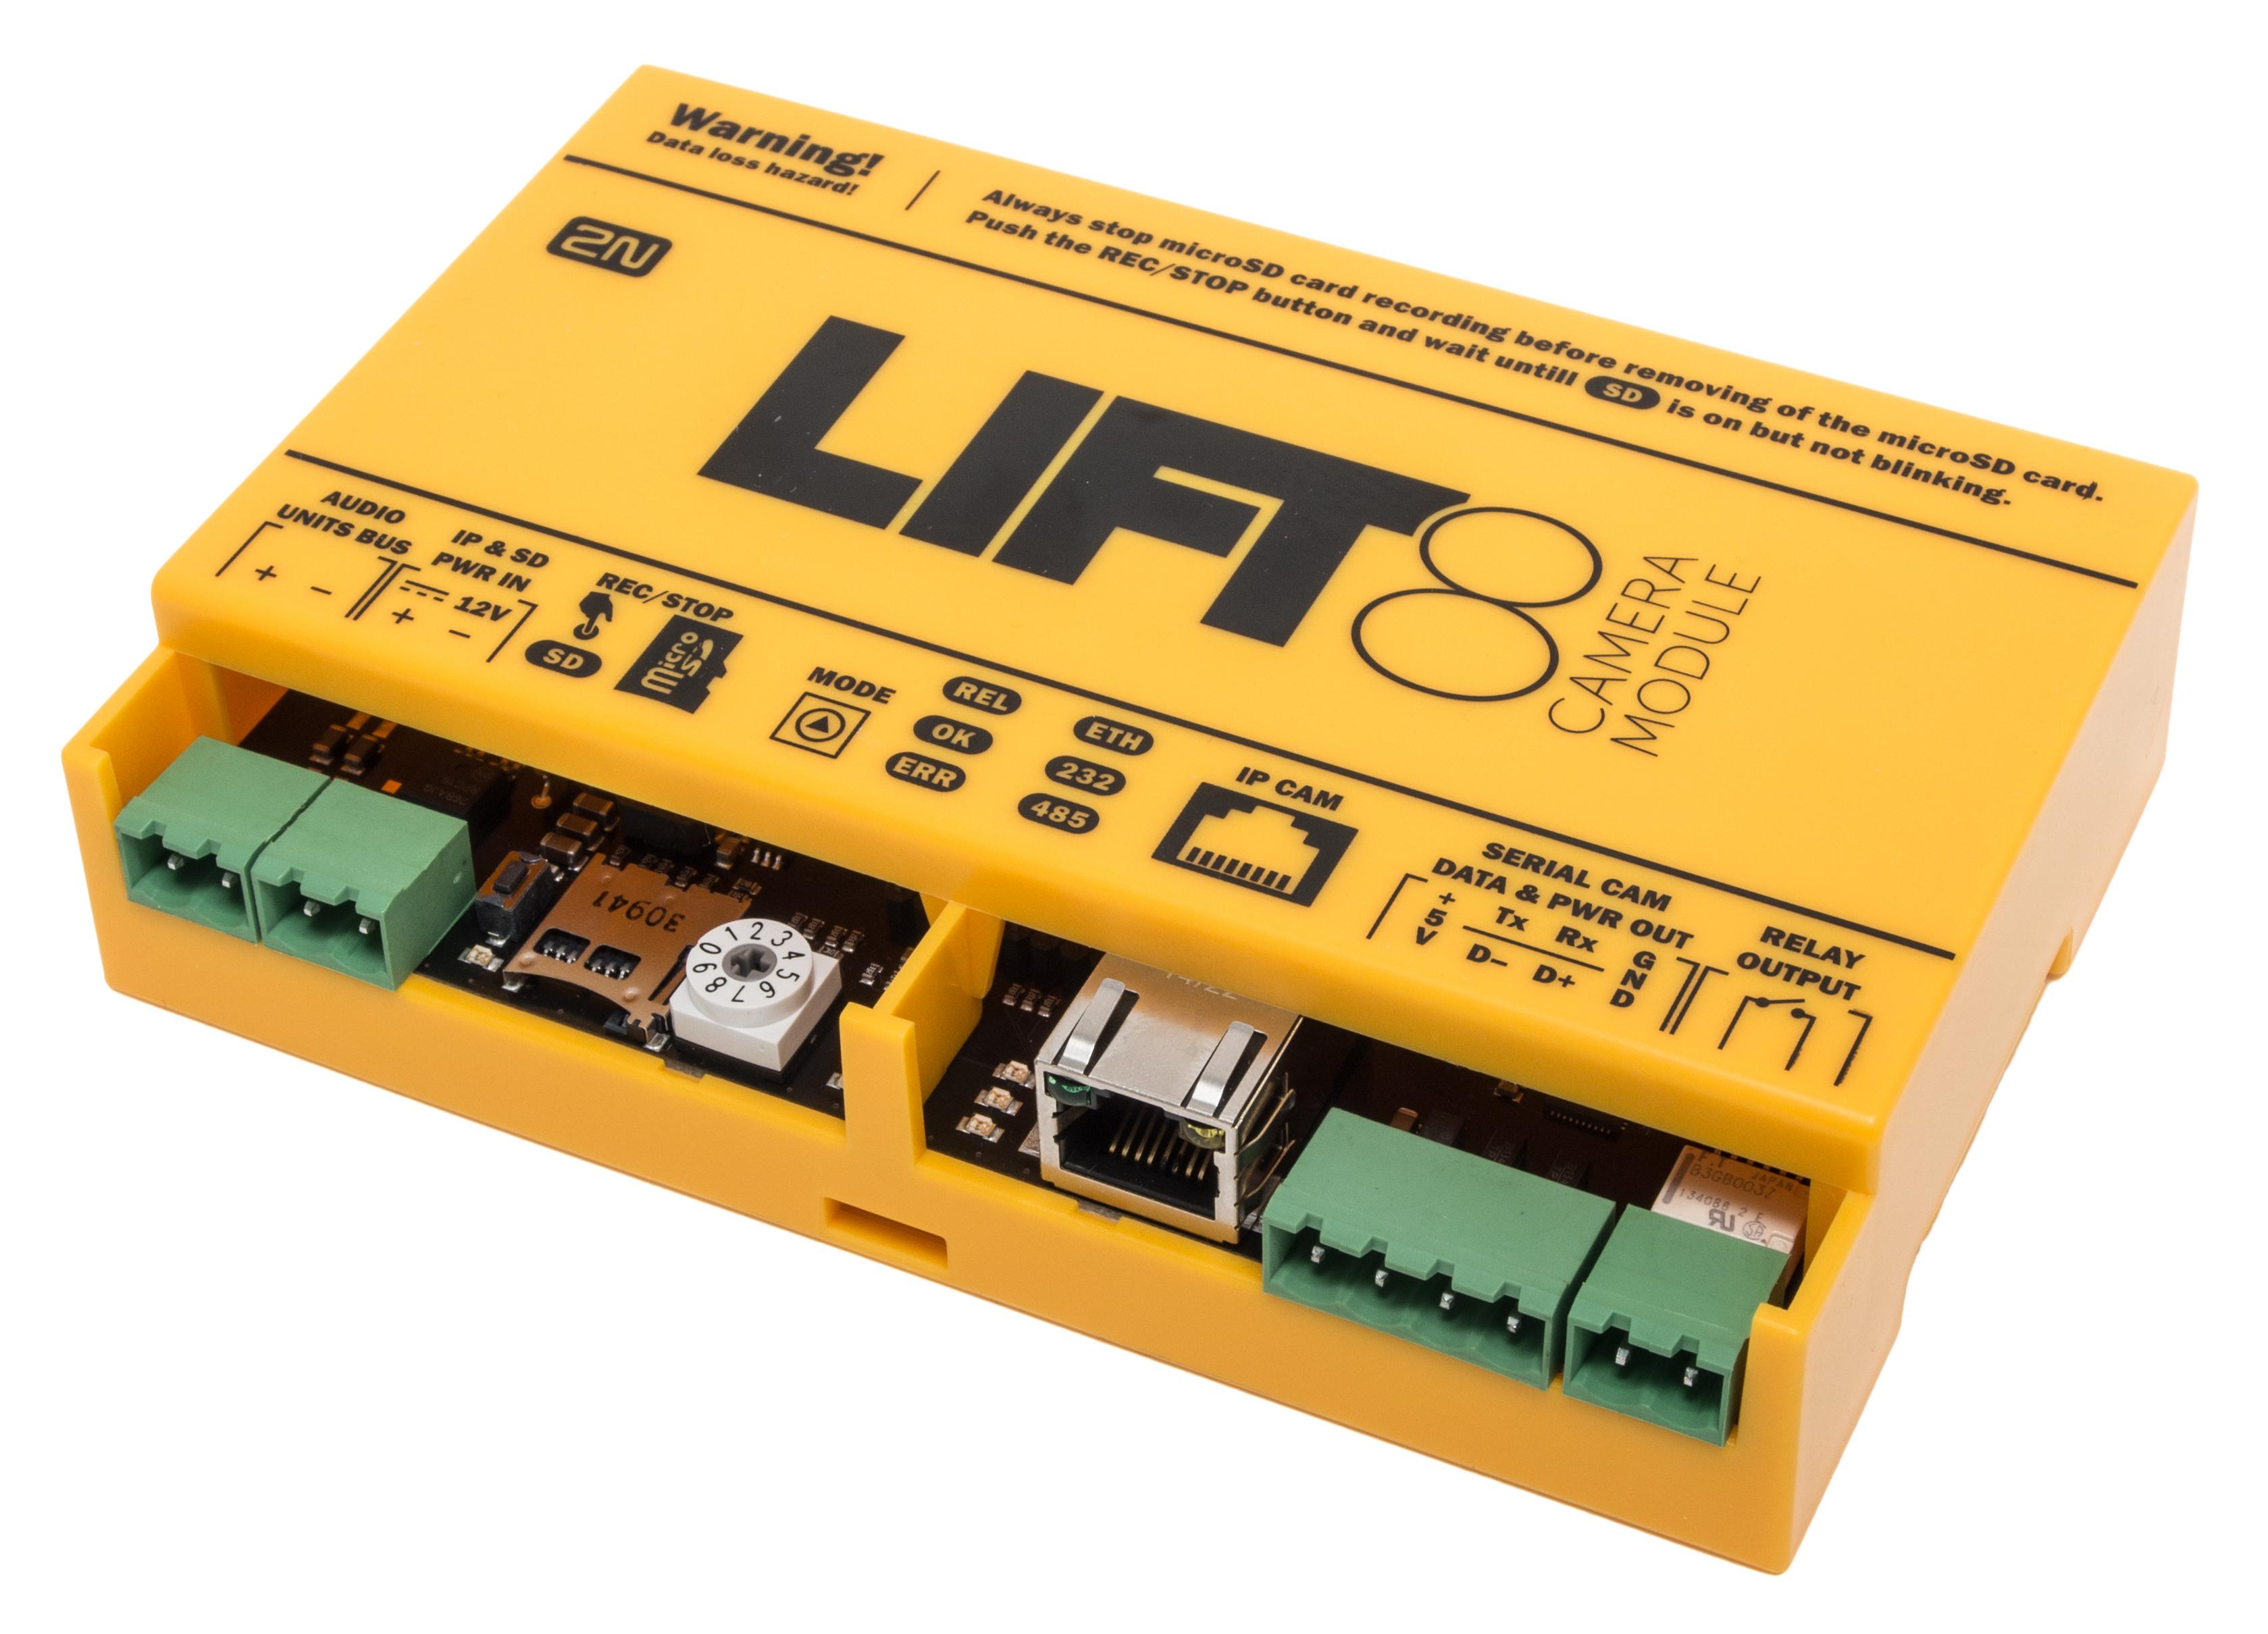 Spolehlivá prevence vandalismu2N® Lift8 Camera module je záznamové zařízení, které vám po propojení ...